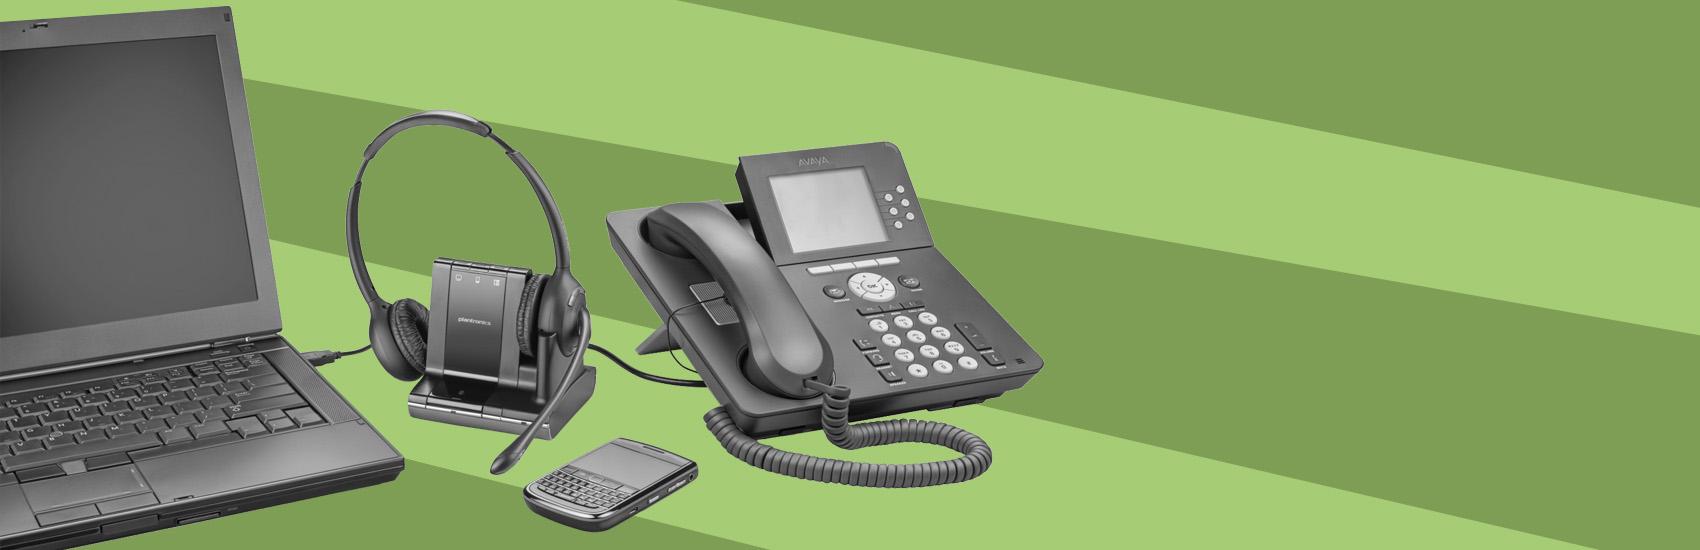 Заказать услуги обзвона клиентов с помощью бизнес-ассистента от 20 рублей за звонок